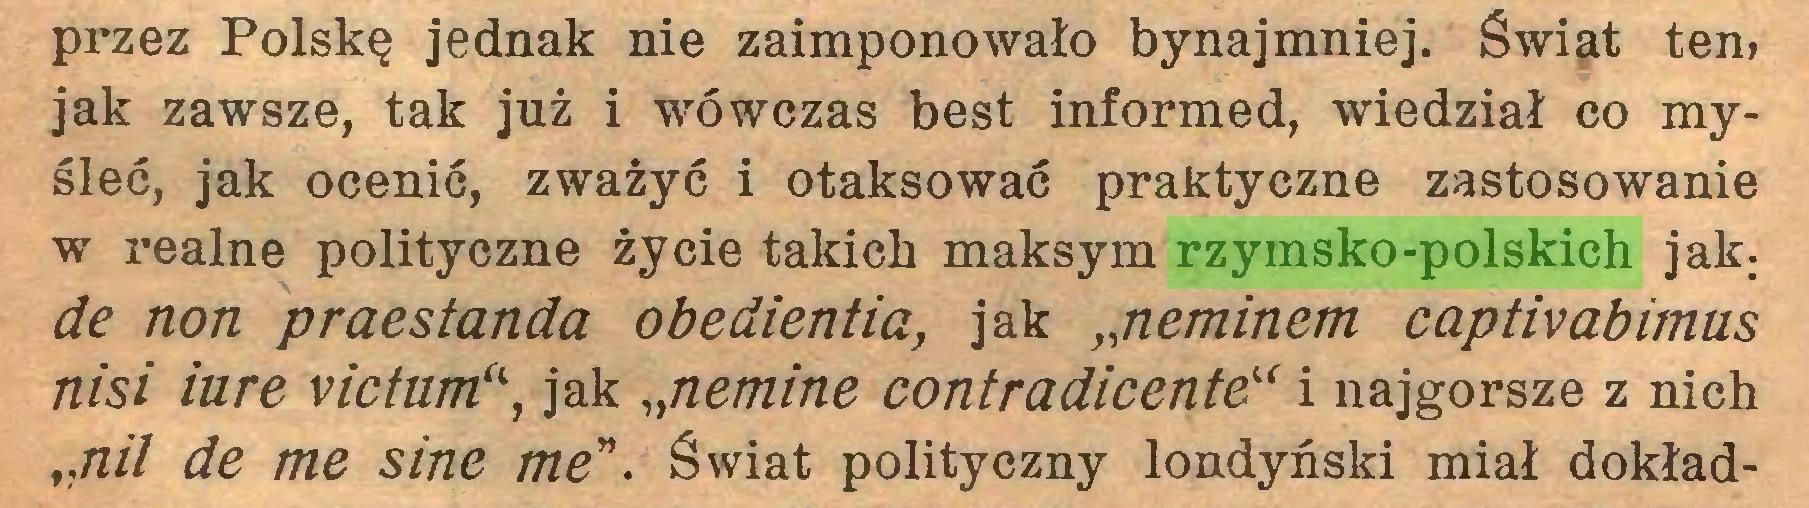 """(...) przez Polskę jednak nie zaimponowało bynajmniej. Świat ten» jak zawsze, tak już i wówczas best informed, wiedział co myśleć, jak ocenić, zważyć i otaksować praktyczne zastosowanie w realne polityczne życie takich maksym rzymsko-polskich jak; de non praestanda obedientia, jak """"neminem captivabimus nisi iure victum'\ jak """"nemine contradicente"""" i najgorsze z nich """"nil de me sine me"""". Świat polityczny londyński miał dokład..."""